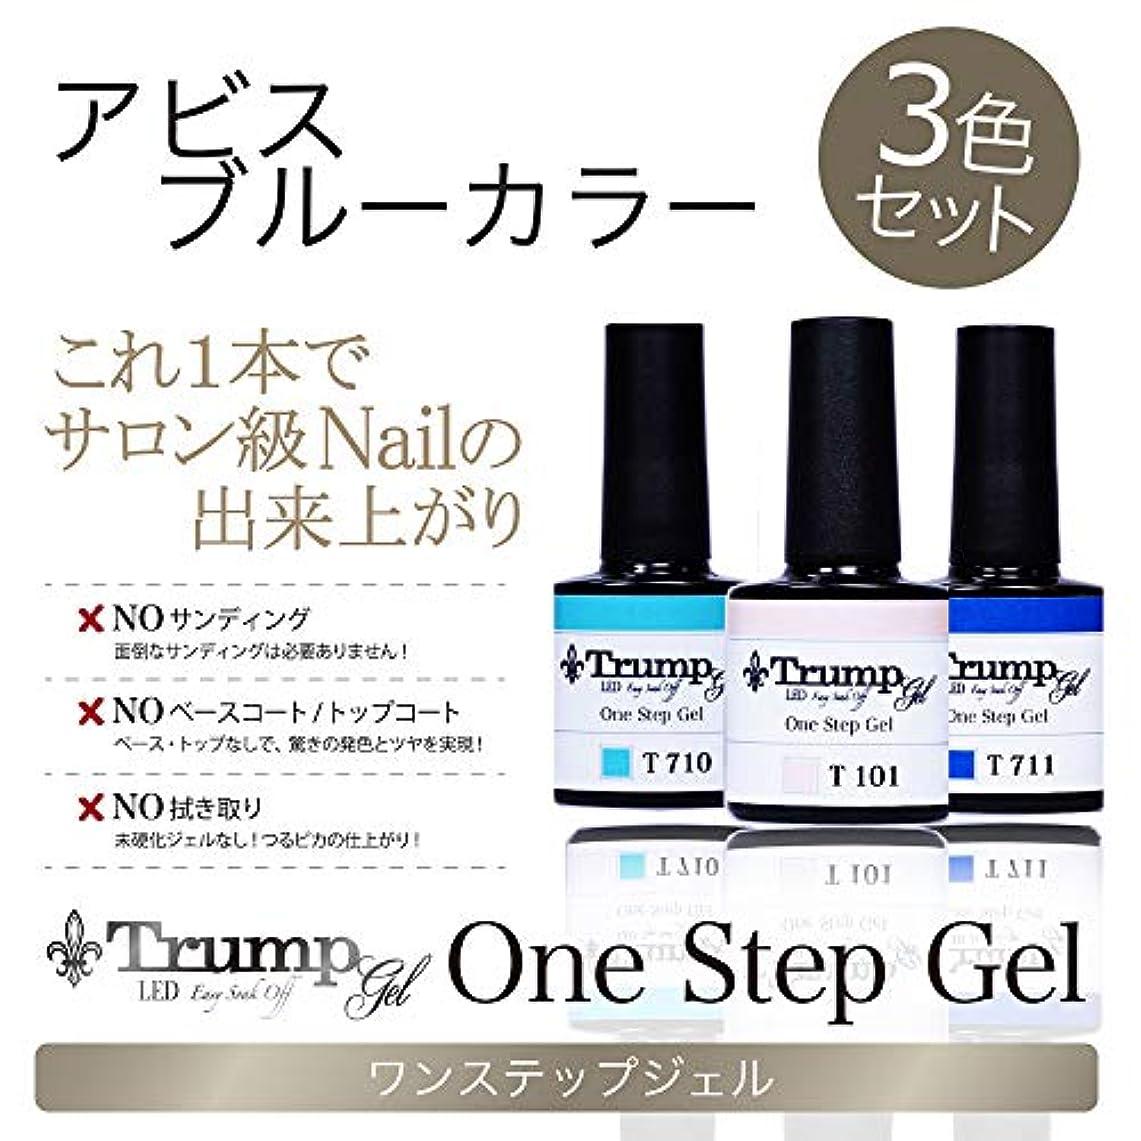 常習的ソロ合体【日本製】Trump gel トランプジェル ワンステップジェル ジェルネイル カラージェル 3点 セット ペール アビス ピンキー (アビスカラーセット)